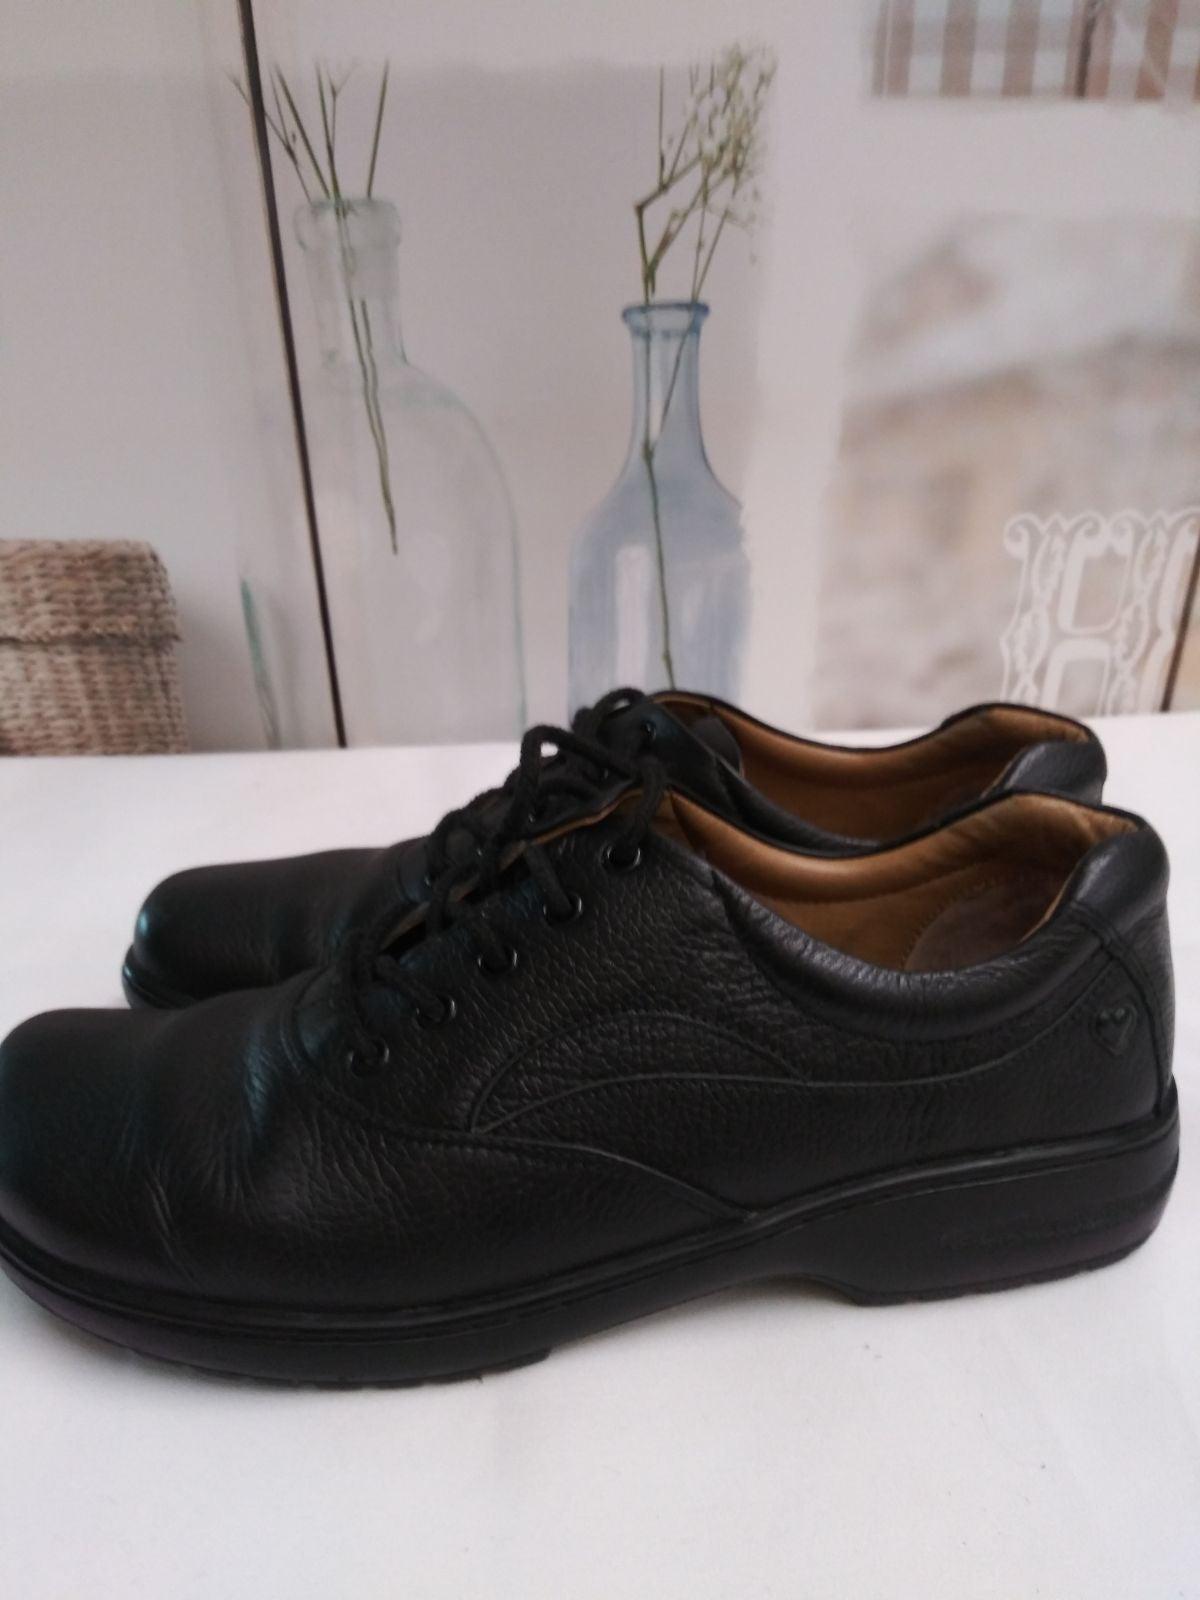 Nurse Mates Shoes Sz. 10M (LNC)